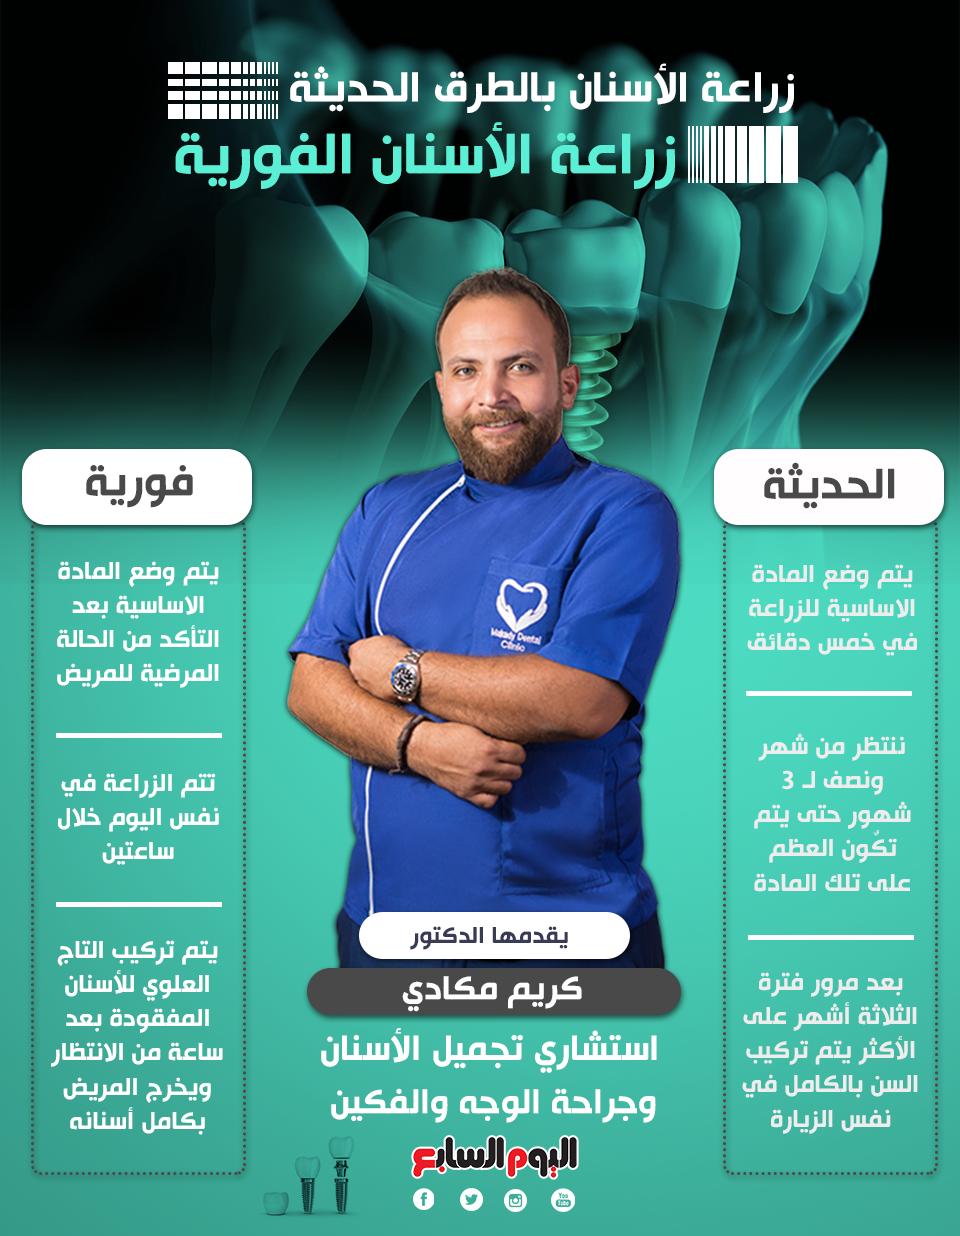 زراعة الاسنان بالطريق الحديث vs زراعة الأسنان الفورية